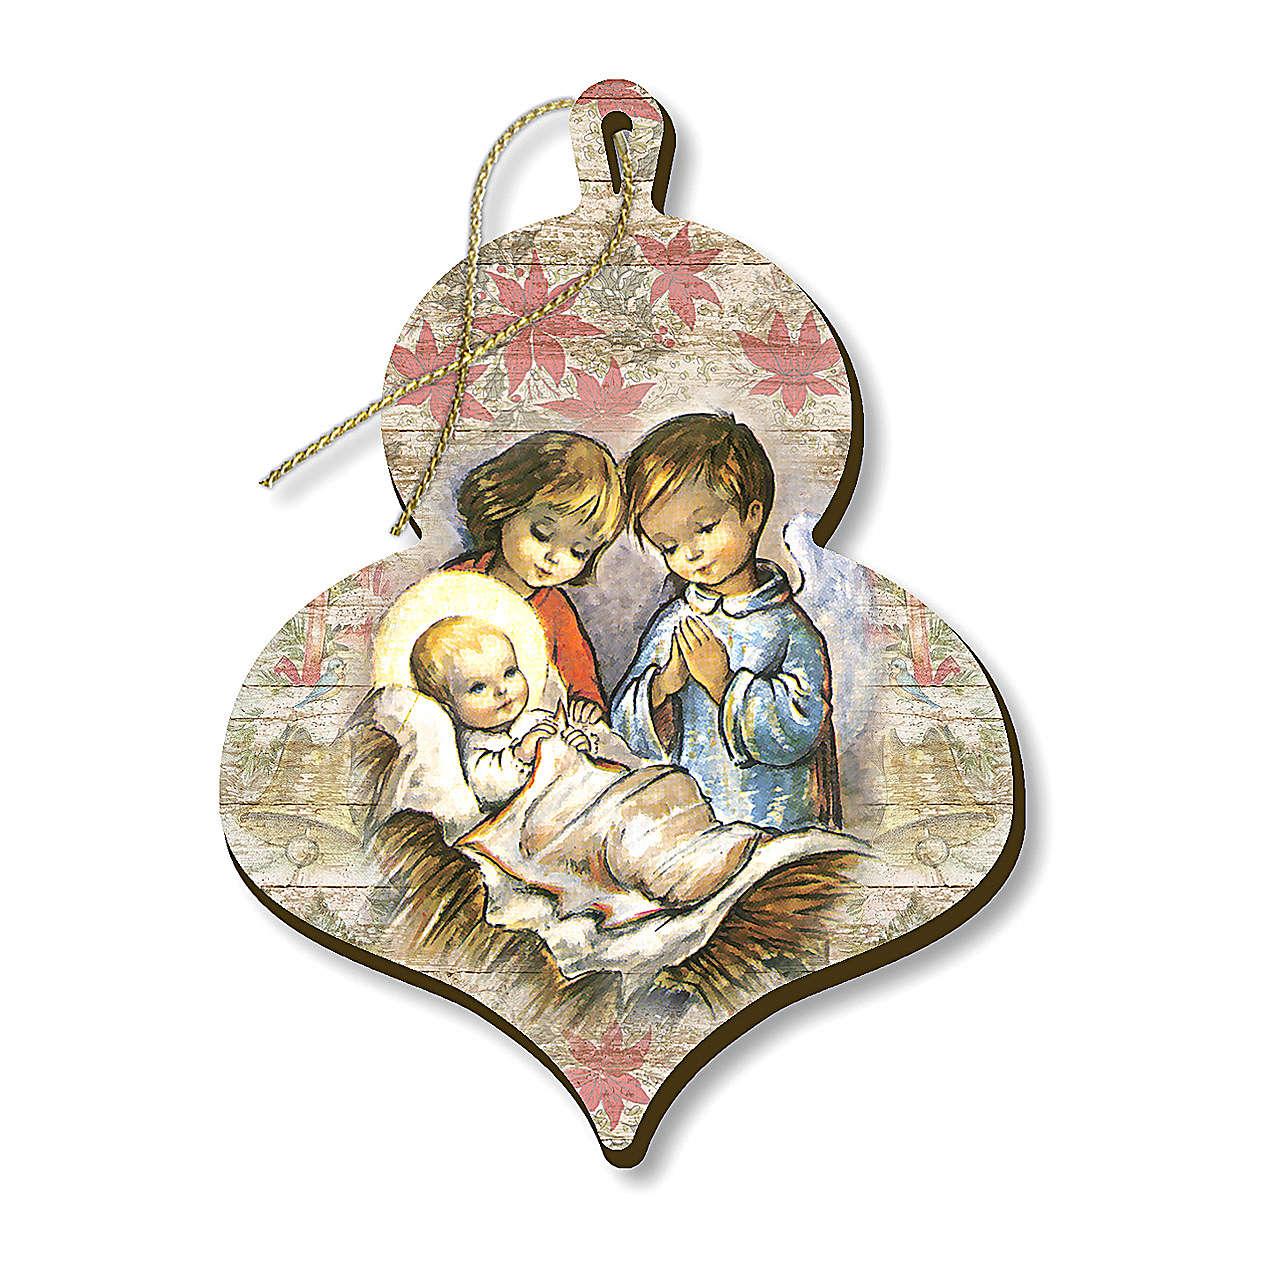 Décoration de Noël bois façonné Enfants en adoration 4